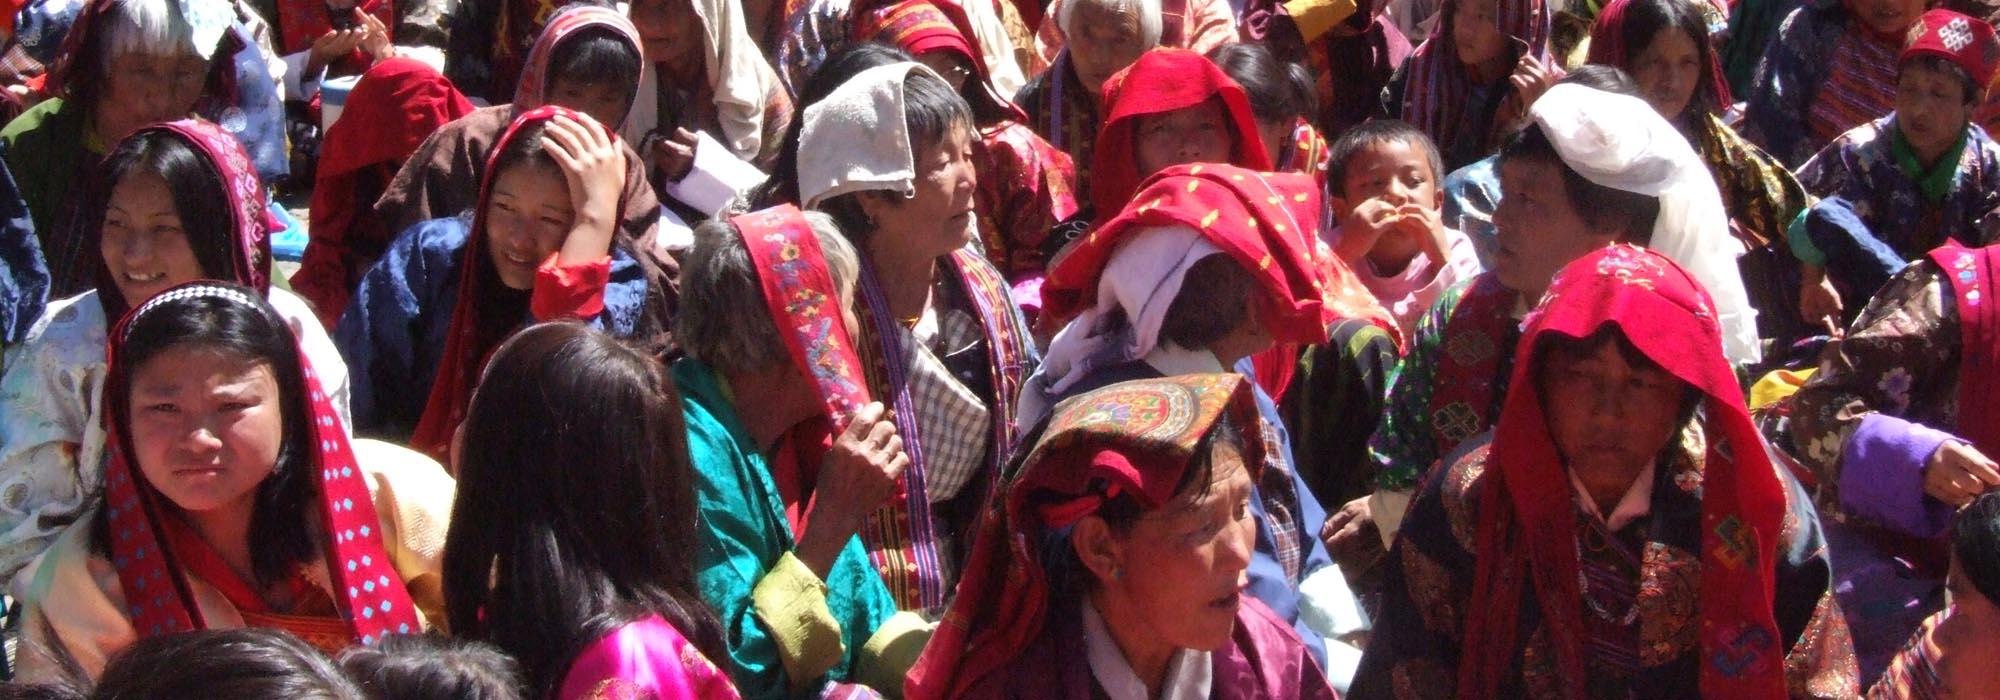 Bumthang Tamshing Tshechu